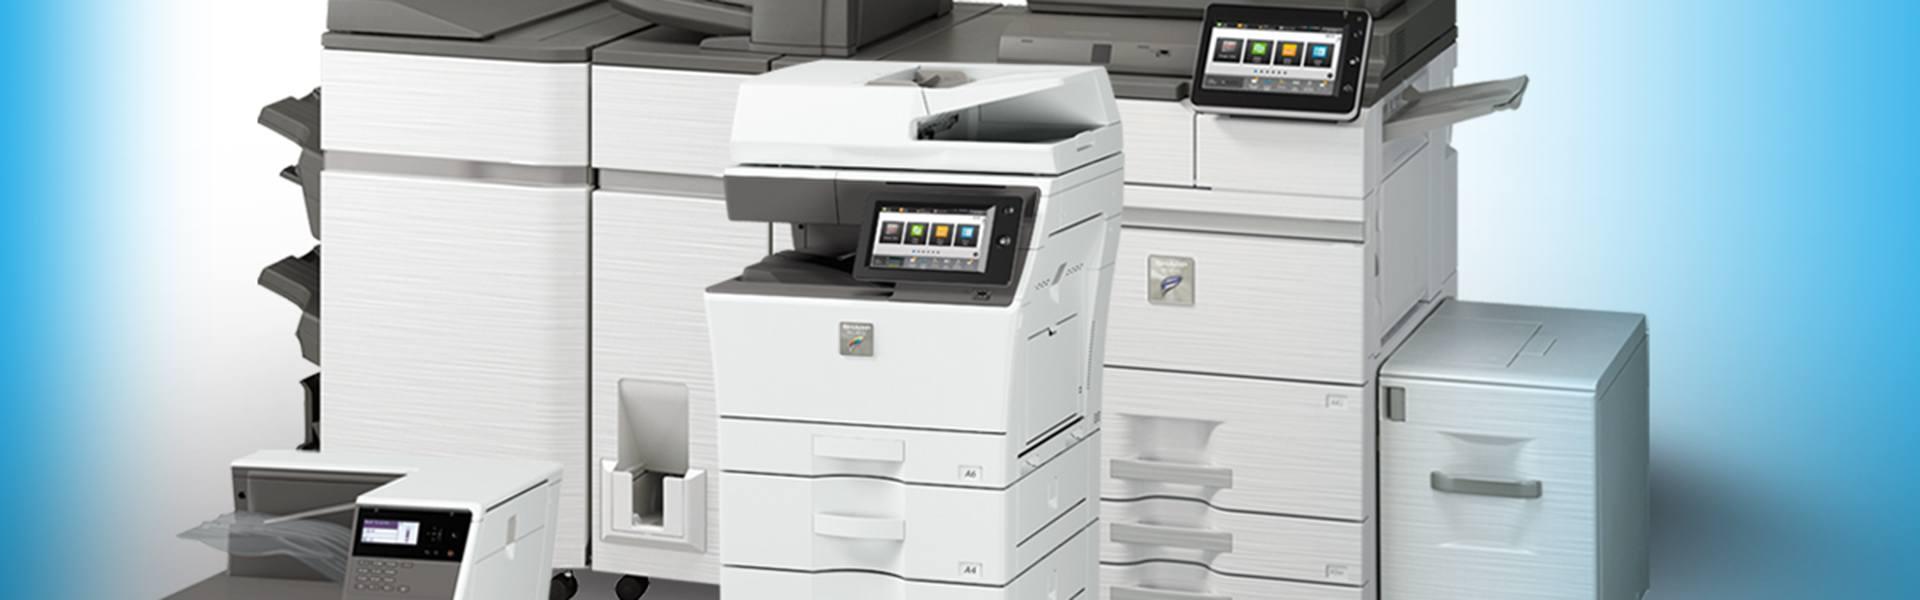 noleggio stampanti multifunzione presso zena office a piacenza